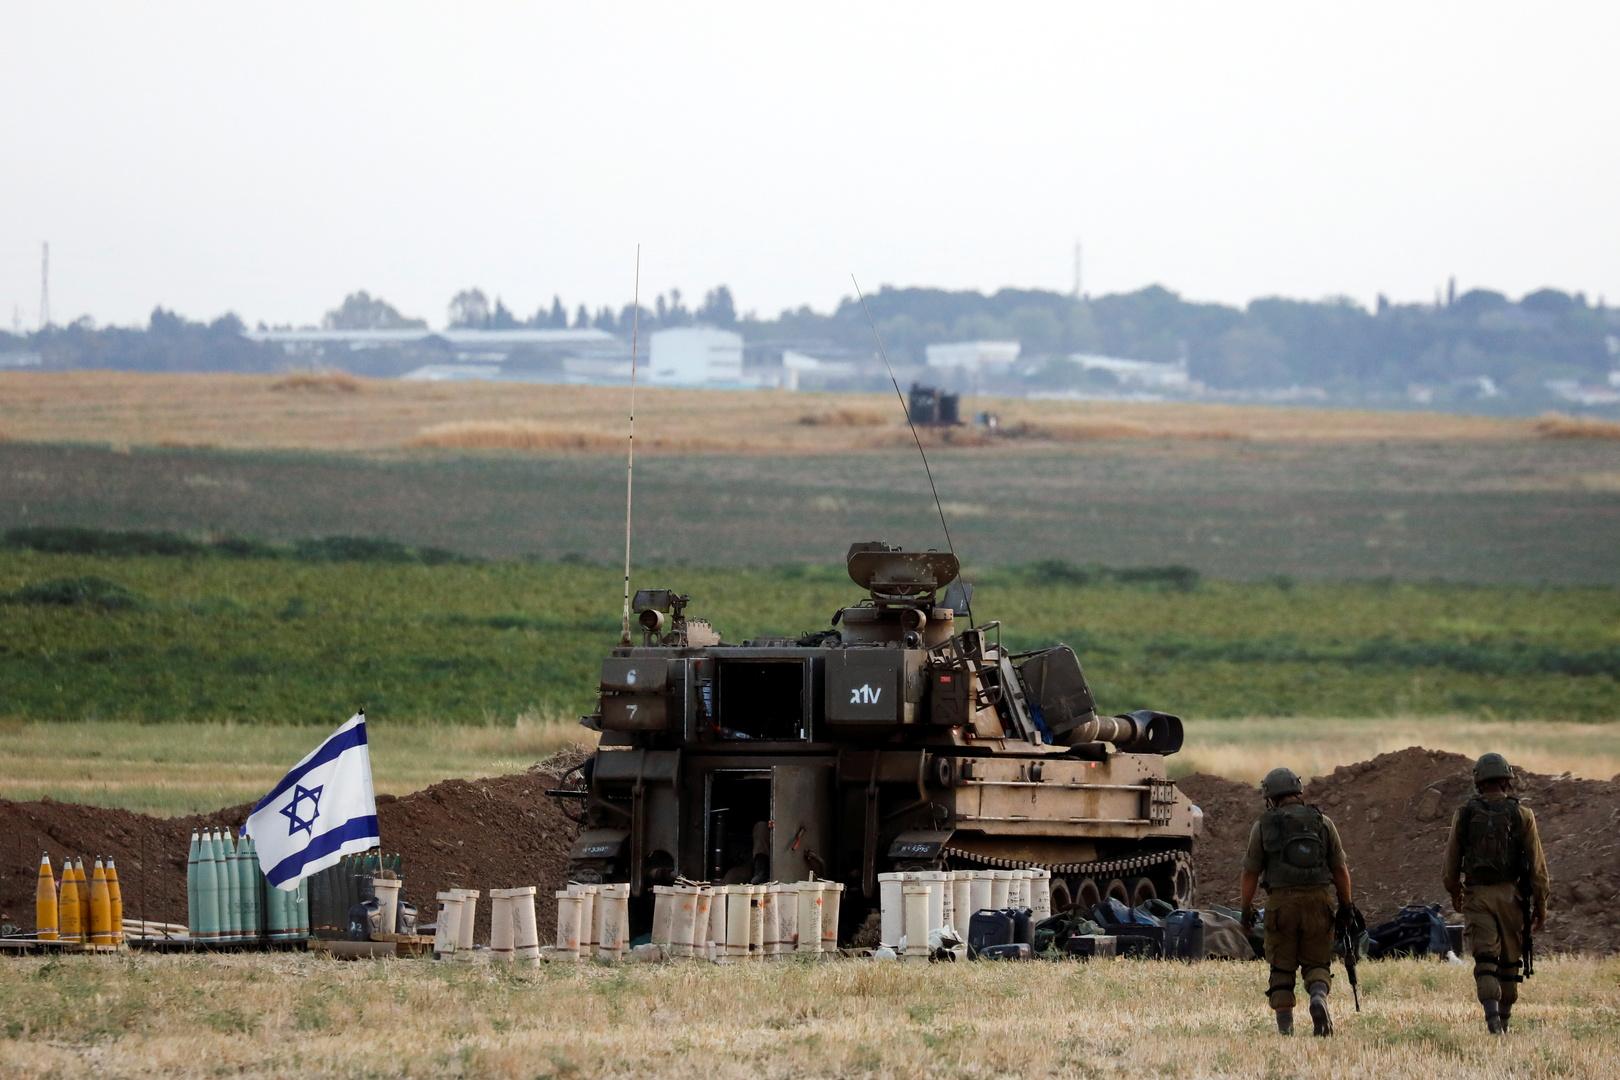 مسؤول أمني إسرائيلي: جولة التصعيد مع غزة تقترب من نهايتها وسندخل في أيام حرجة